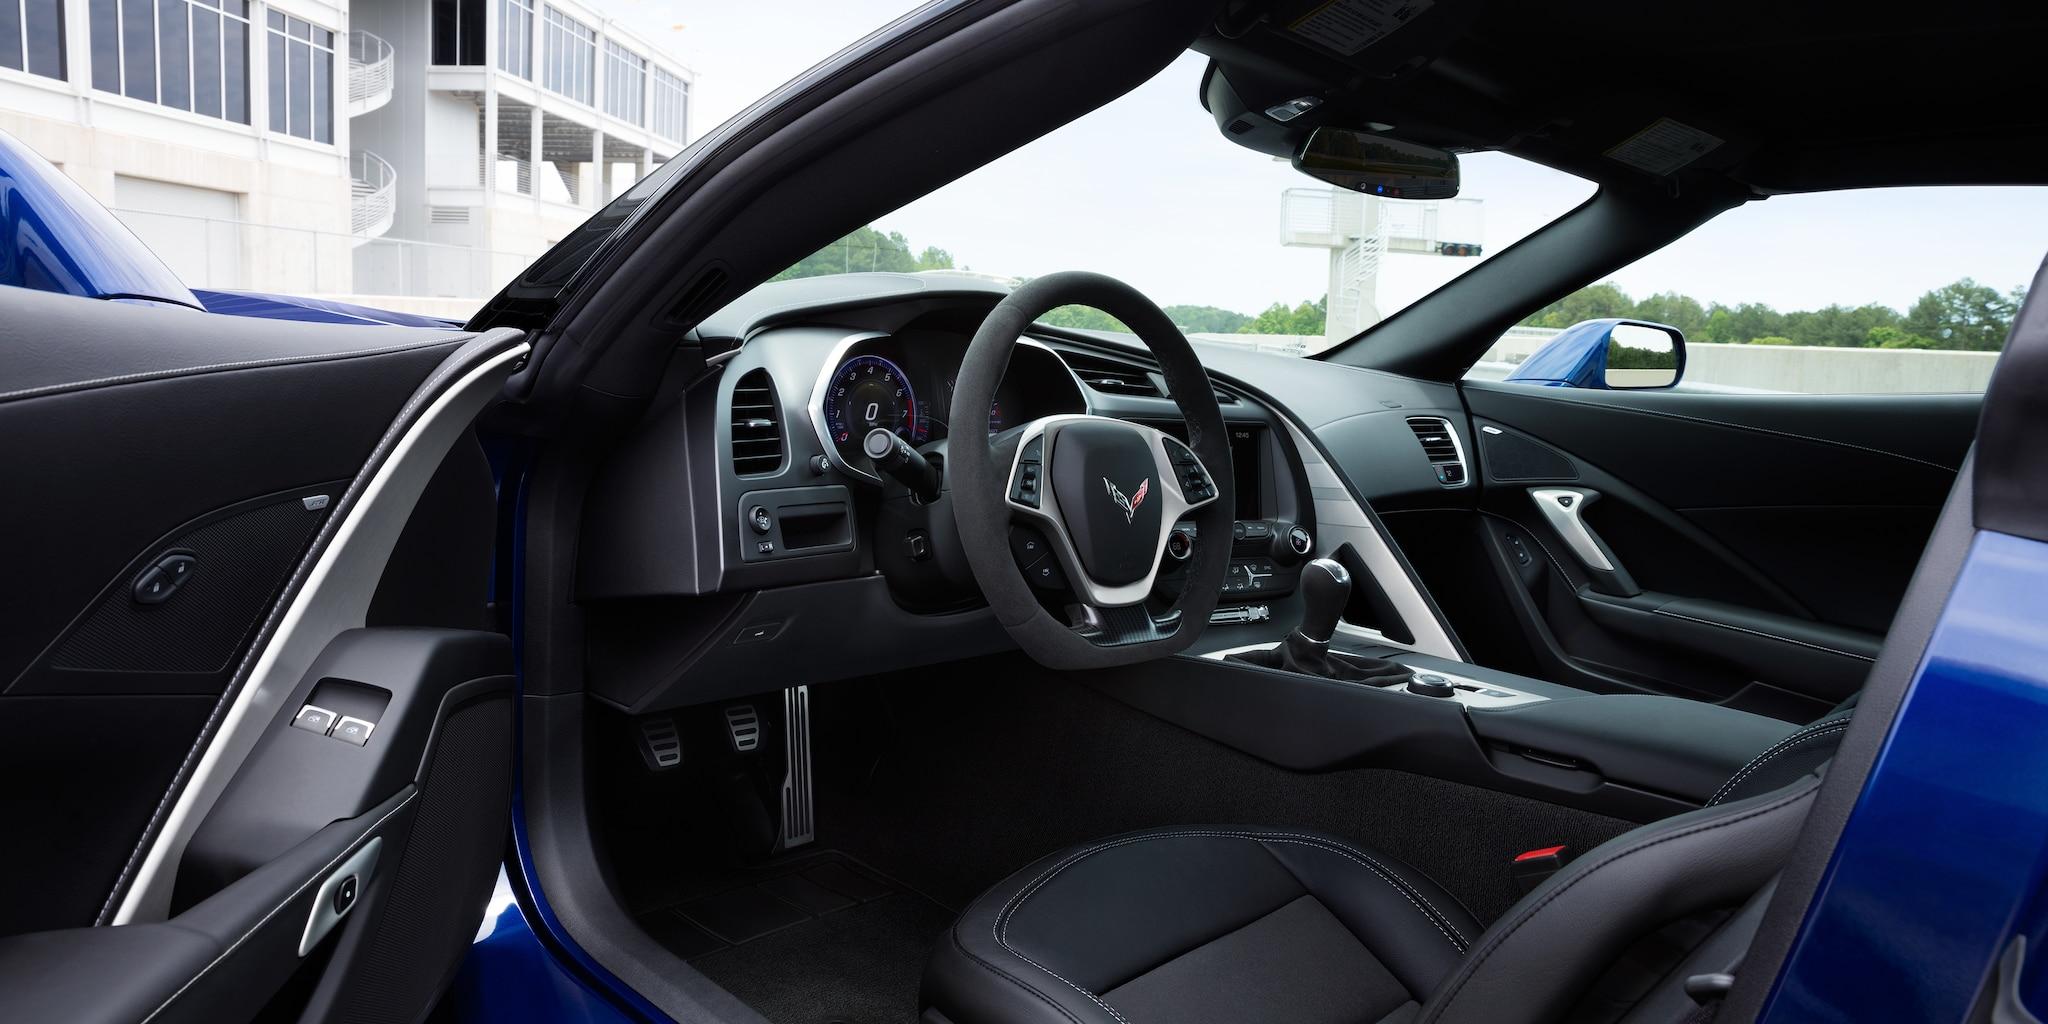 Diseño del auto deportivo Corvette Grand Sport 2018: interior